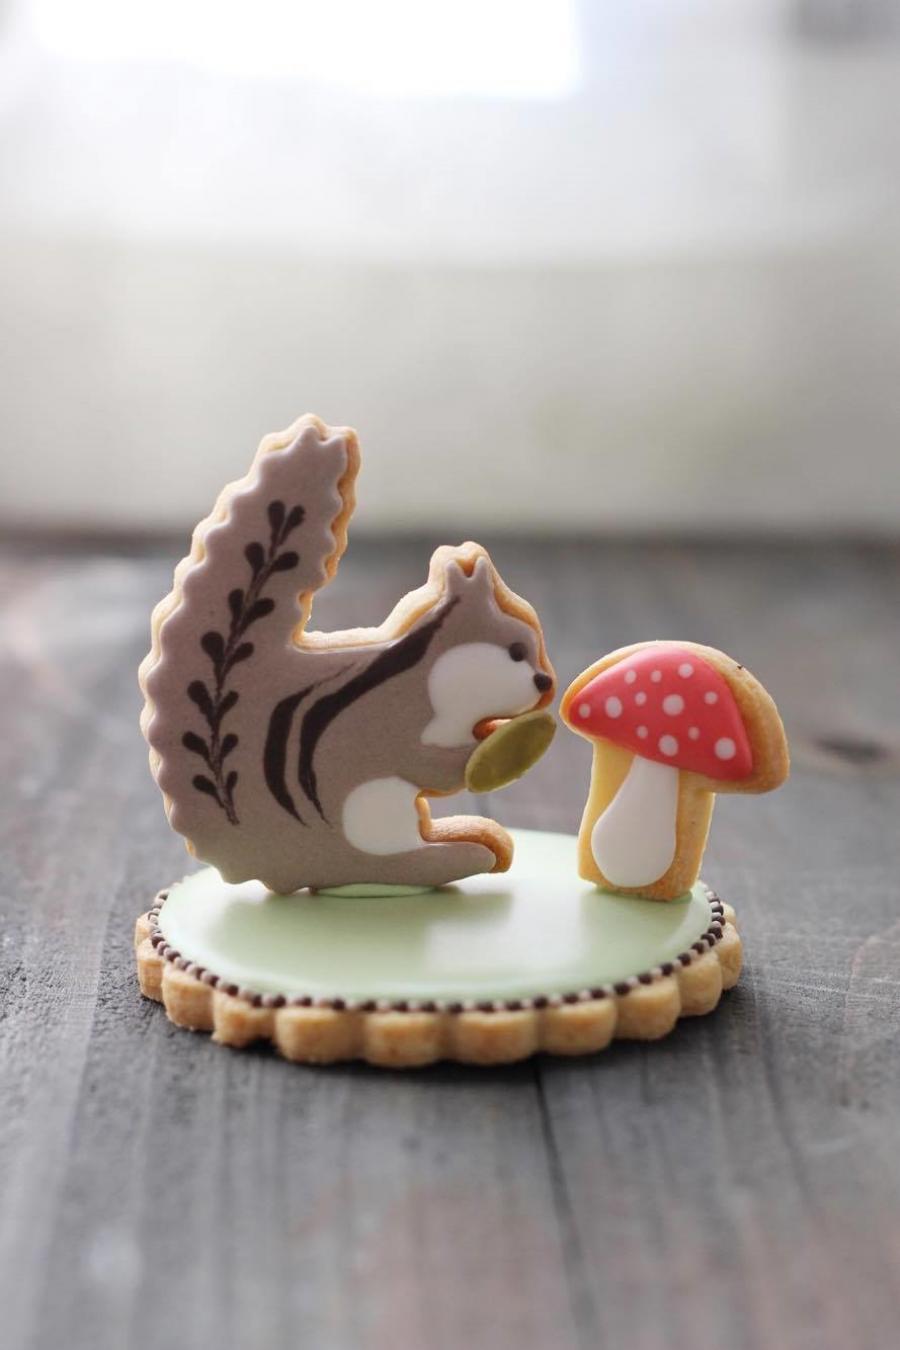 サクッと楽しむ!利加先生のお手軽アイシングクッキー教室(9月)【2,500円(税別・材料費一式込)】